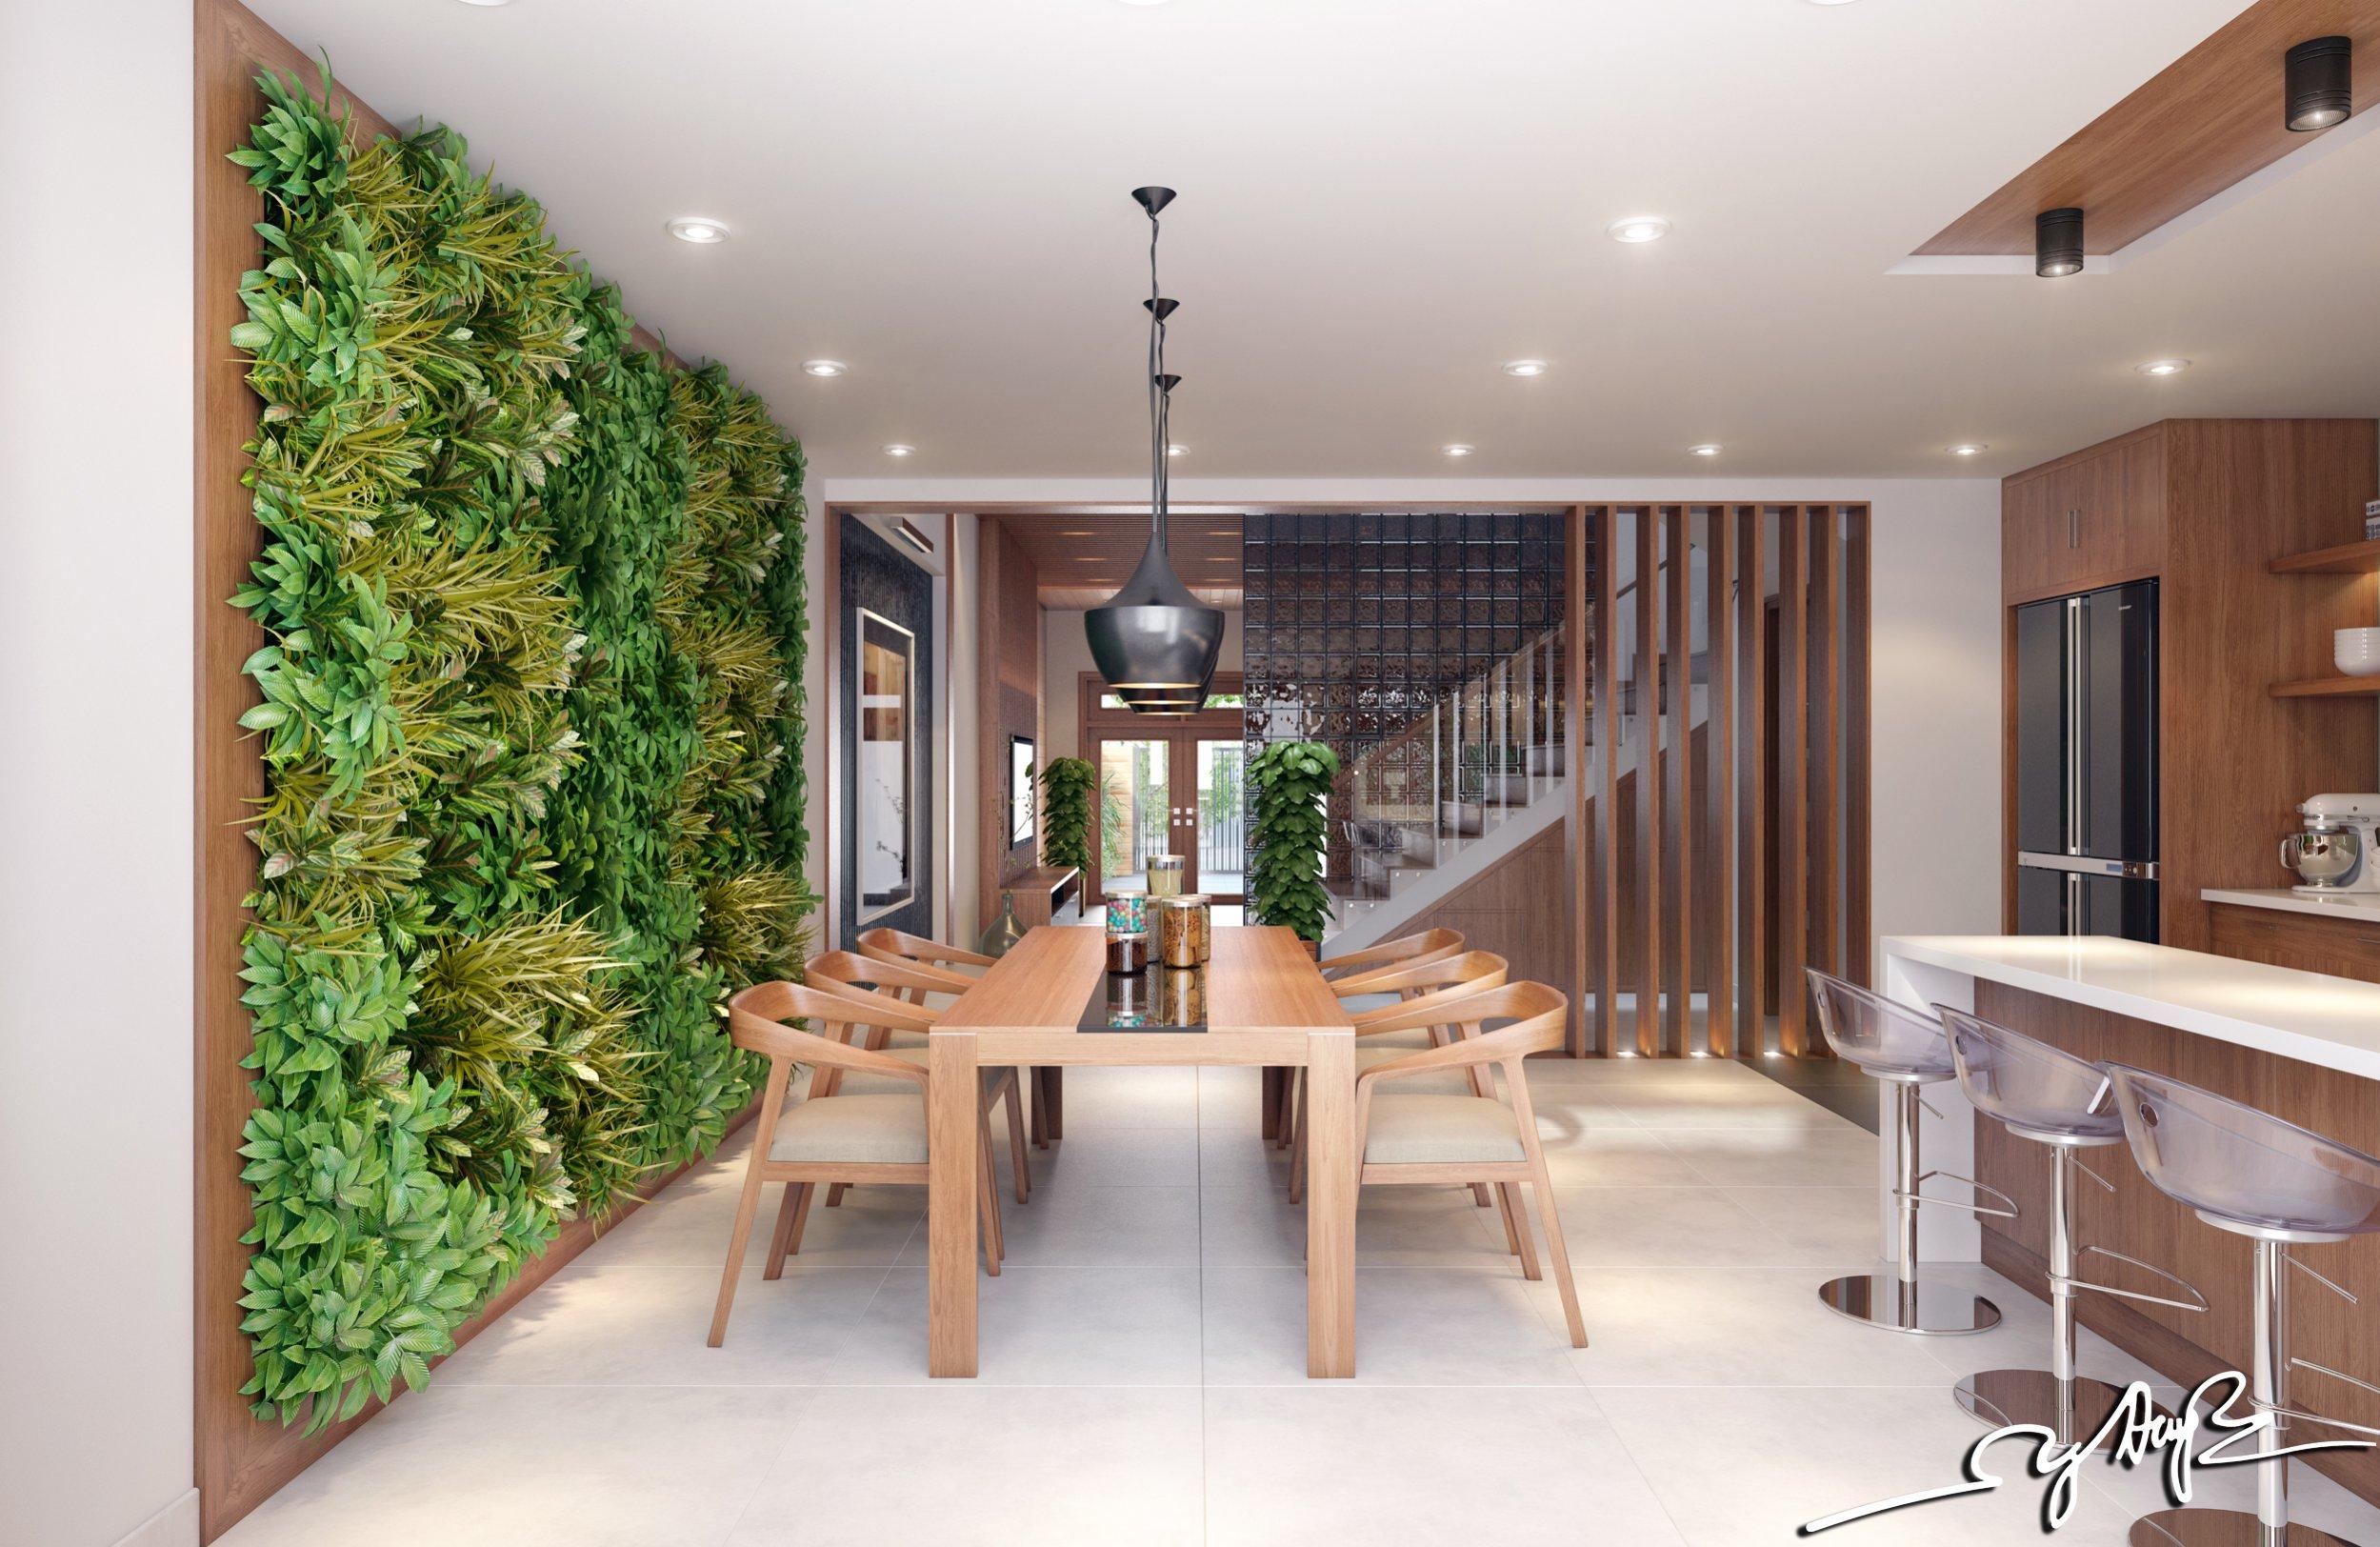 Vertical Herb Garden In Your Kitchen Vertical Wall Garden